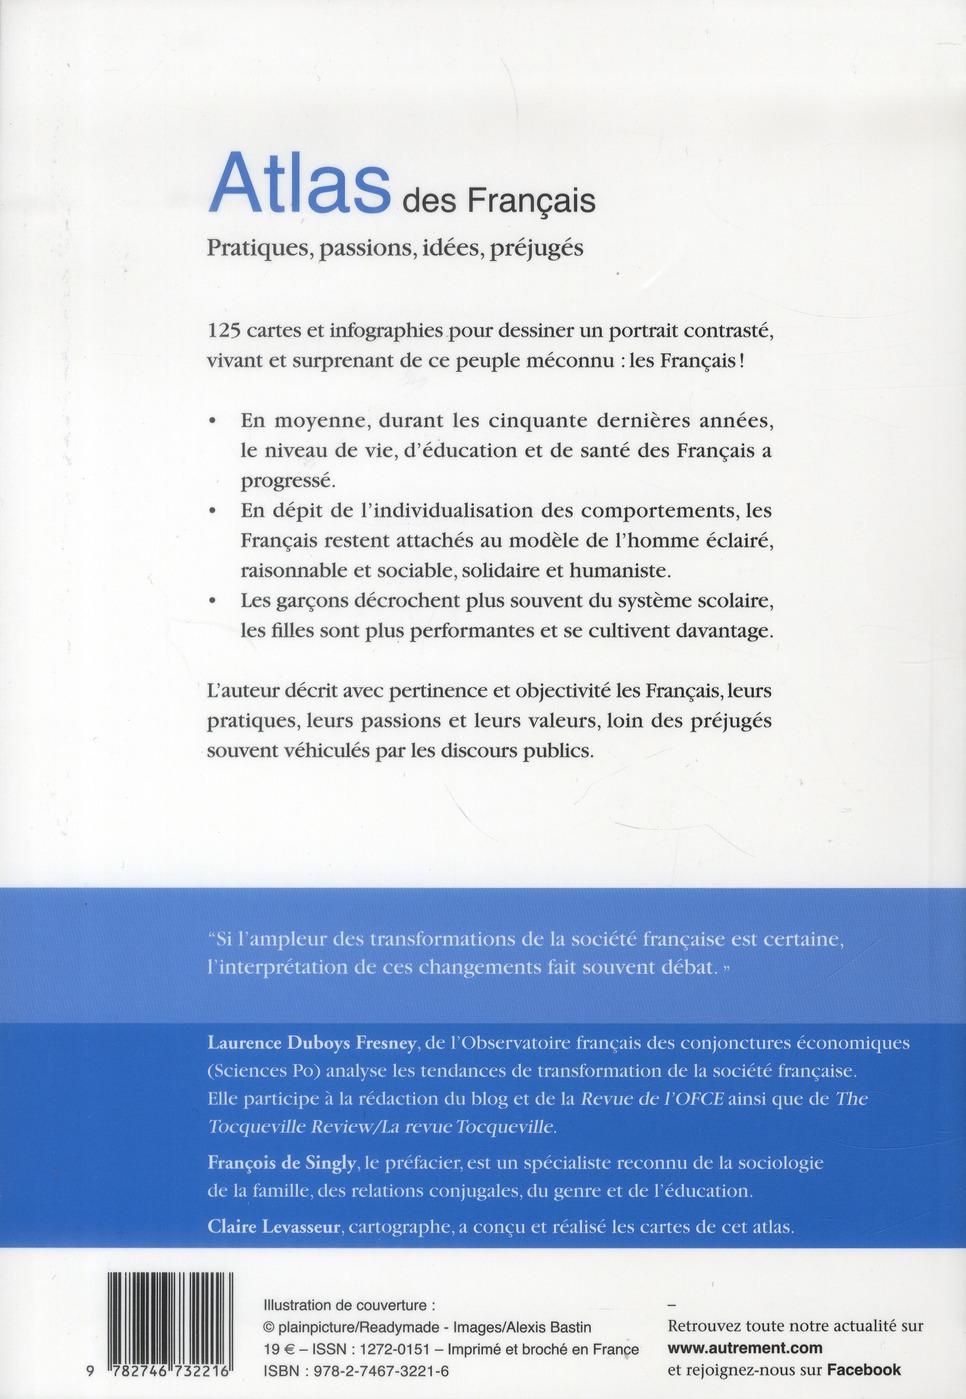 Atlas des francais